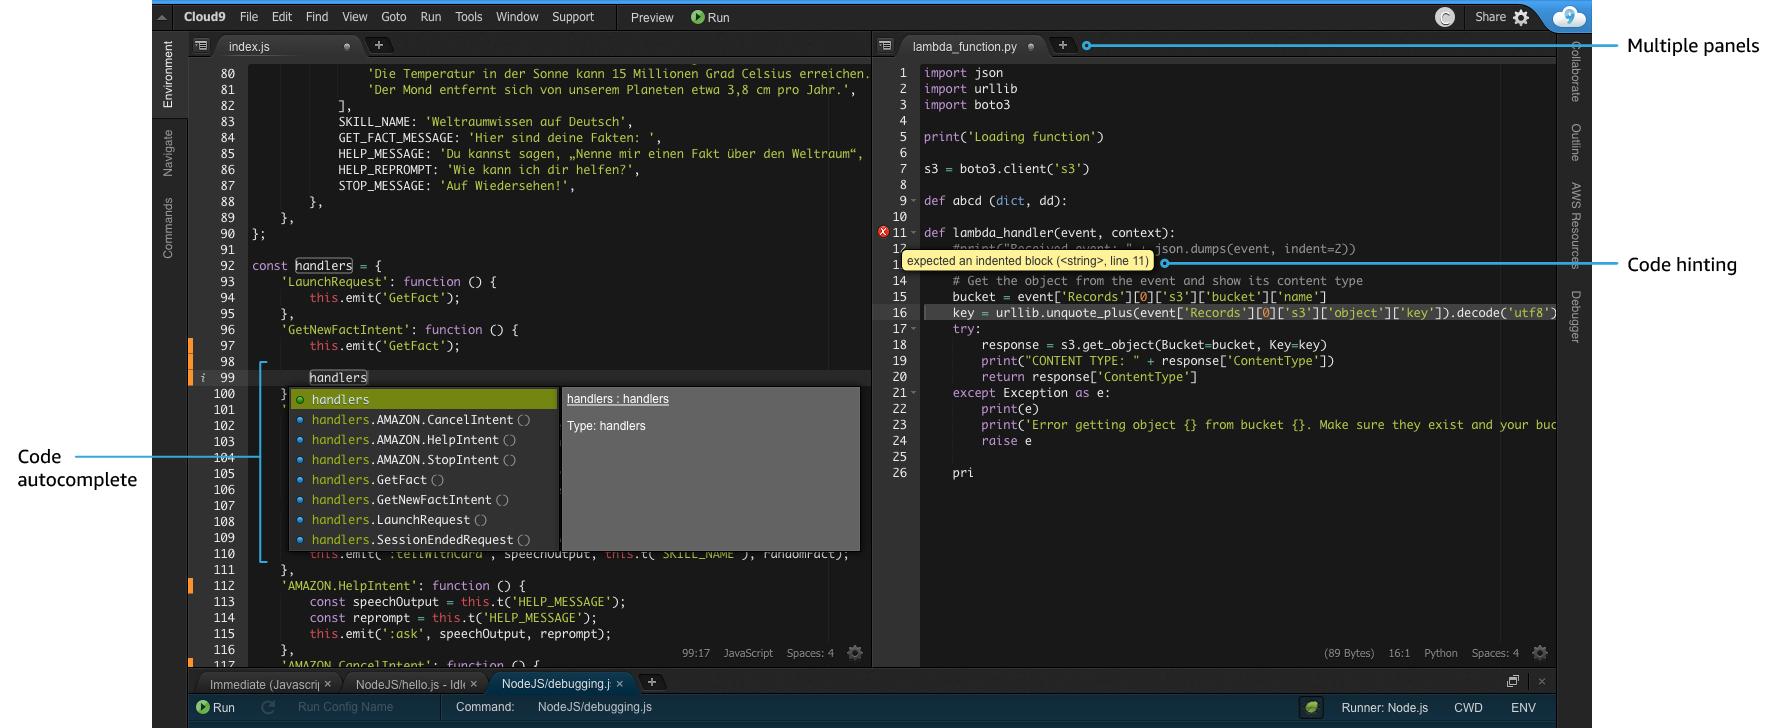 AWS-Cloud9-editor.png